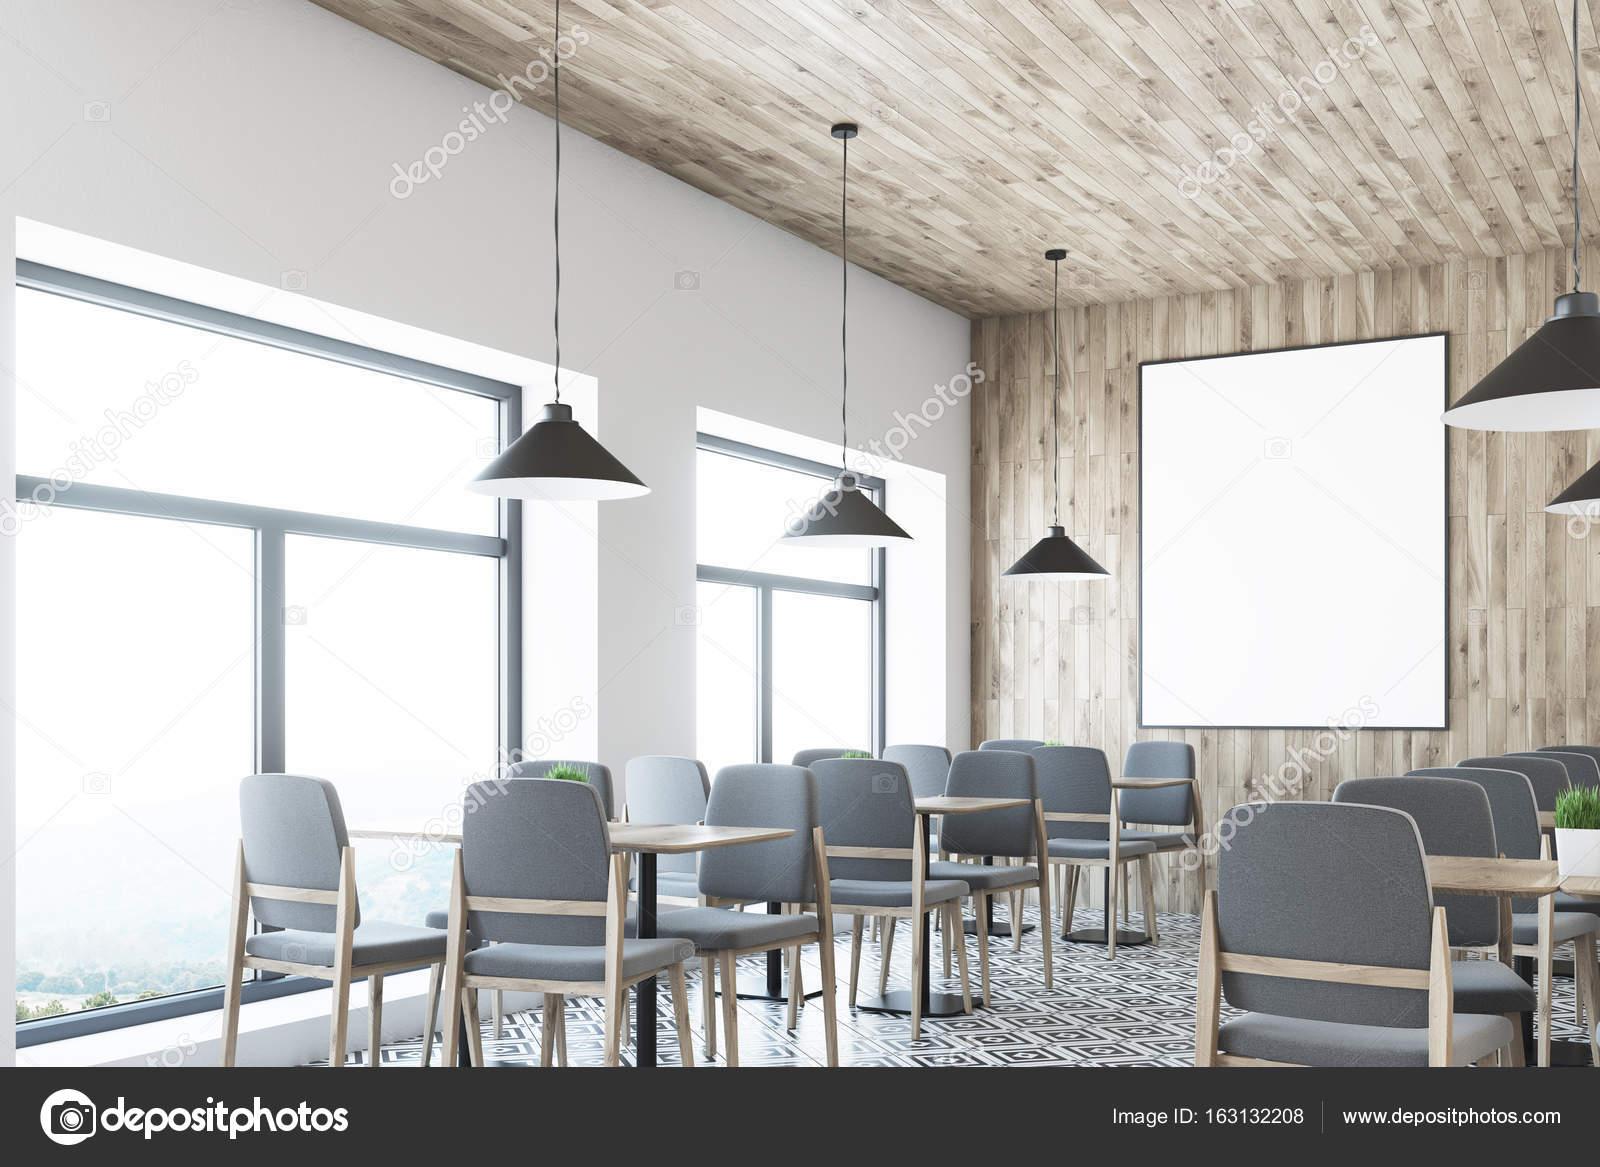 Soffitti In Legno Bianco : Caffè bianco soffitto in legno poster angolo u foto stock